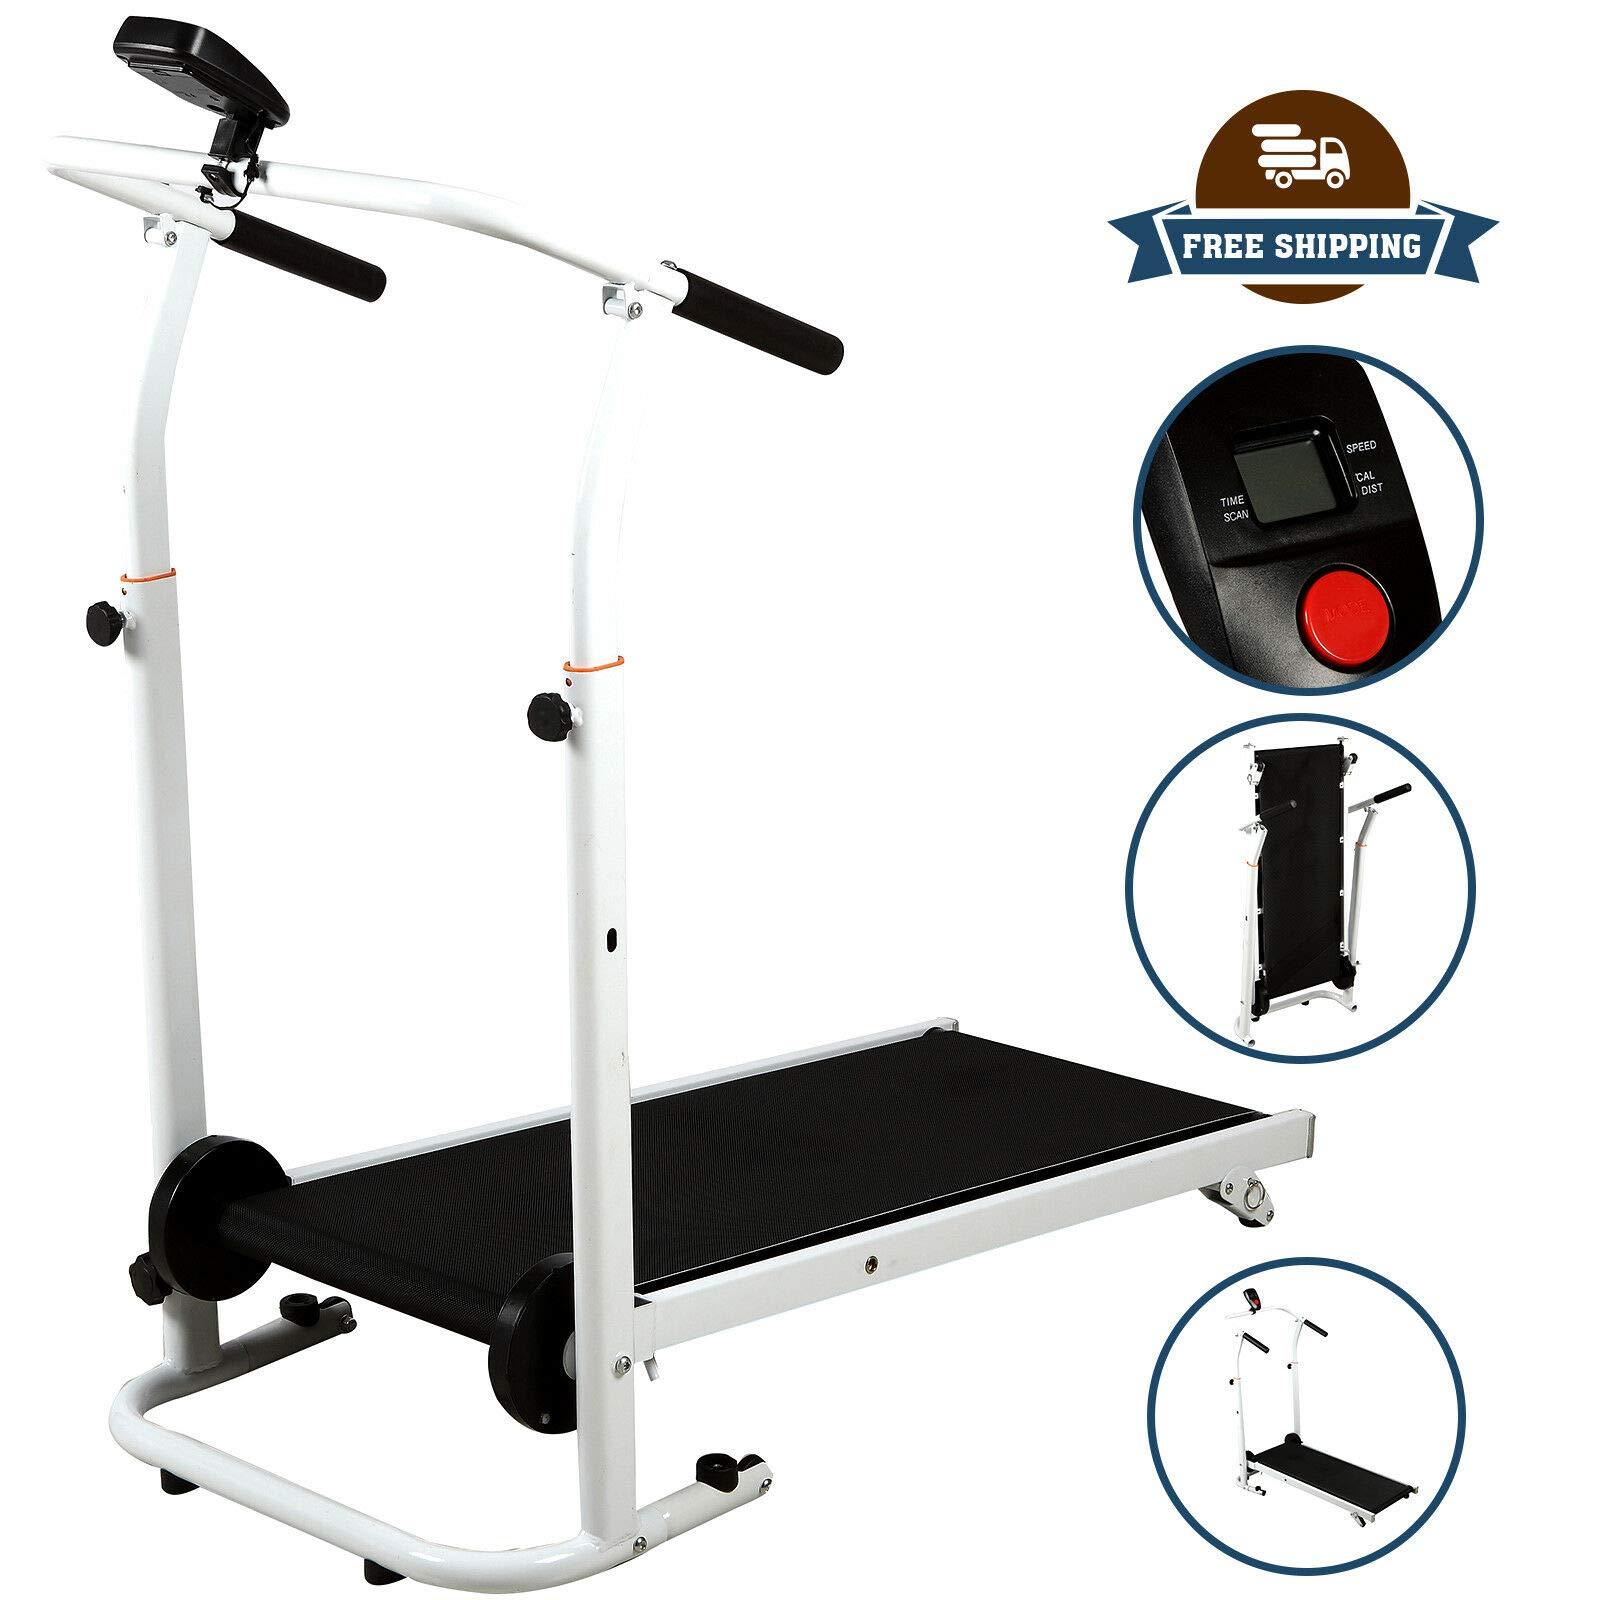 HappyShopShop Folding Adjustable Manual Treadmill Run Running Walk Walking Machine Cardio Exercise by HappyShopShop (Image #3)